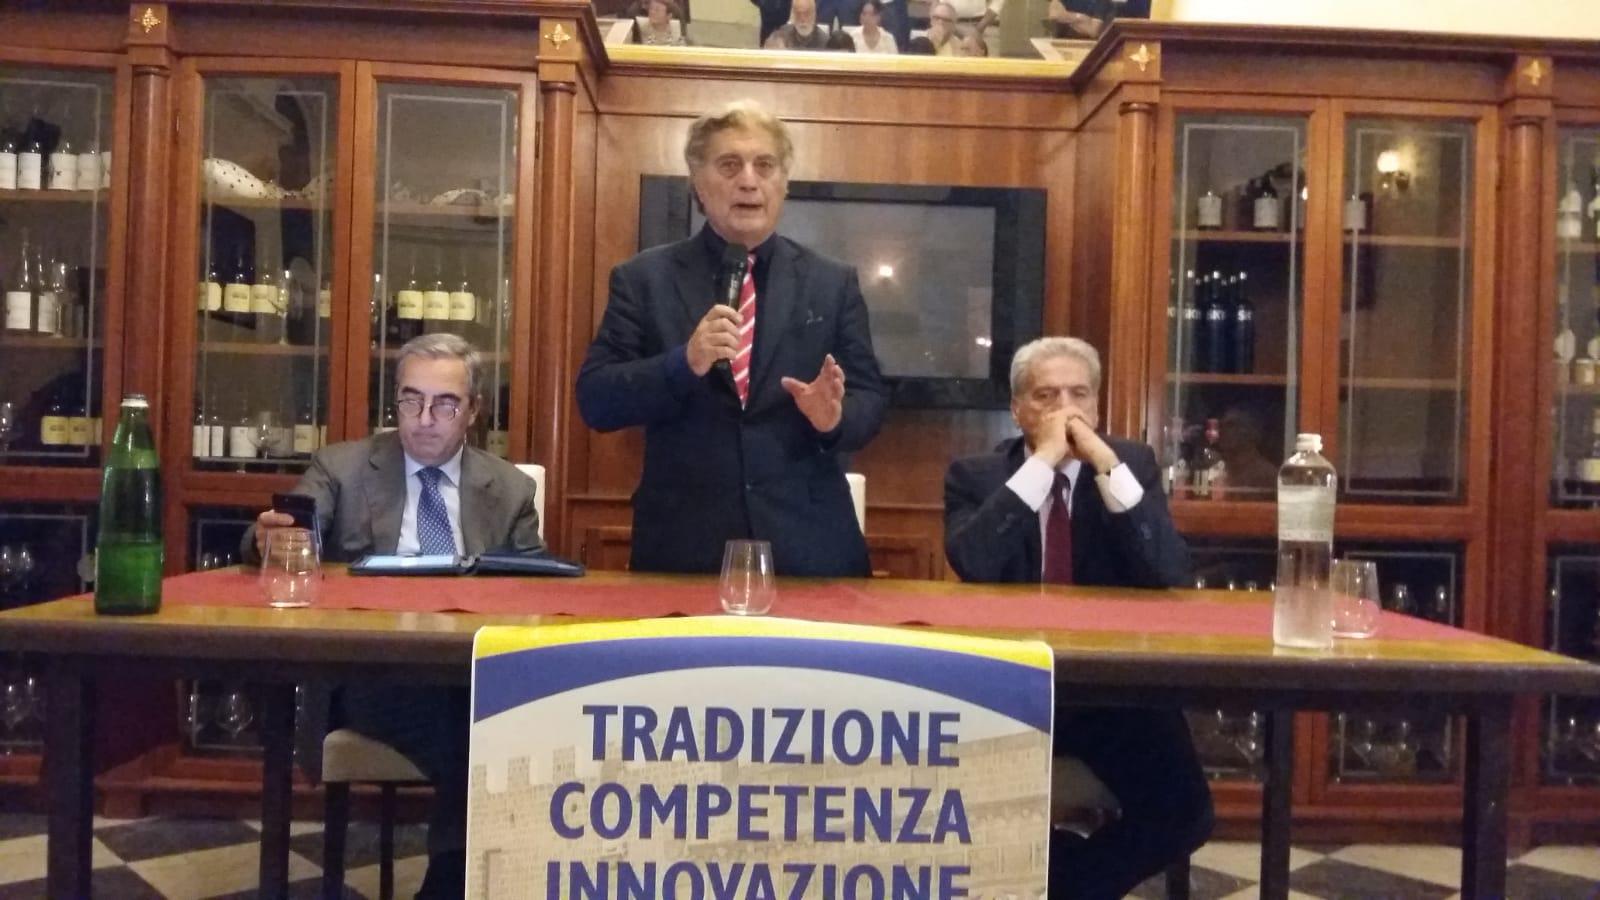 """Comunali: """"Il cdx deve tornare a governare questa città"""", l'ex ministro Gasparri a Viterbo per sostenere Arena"""